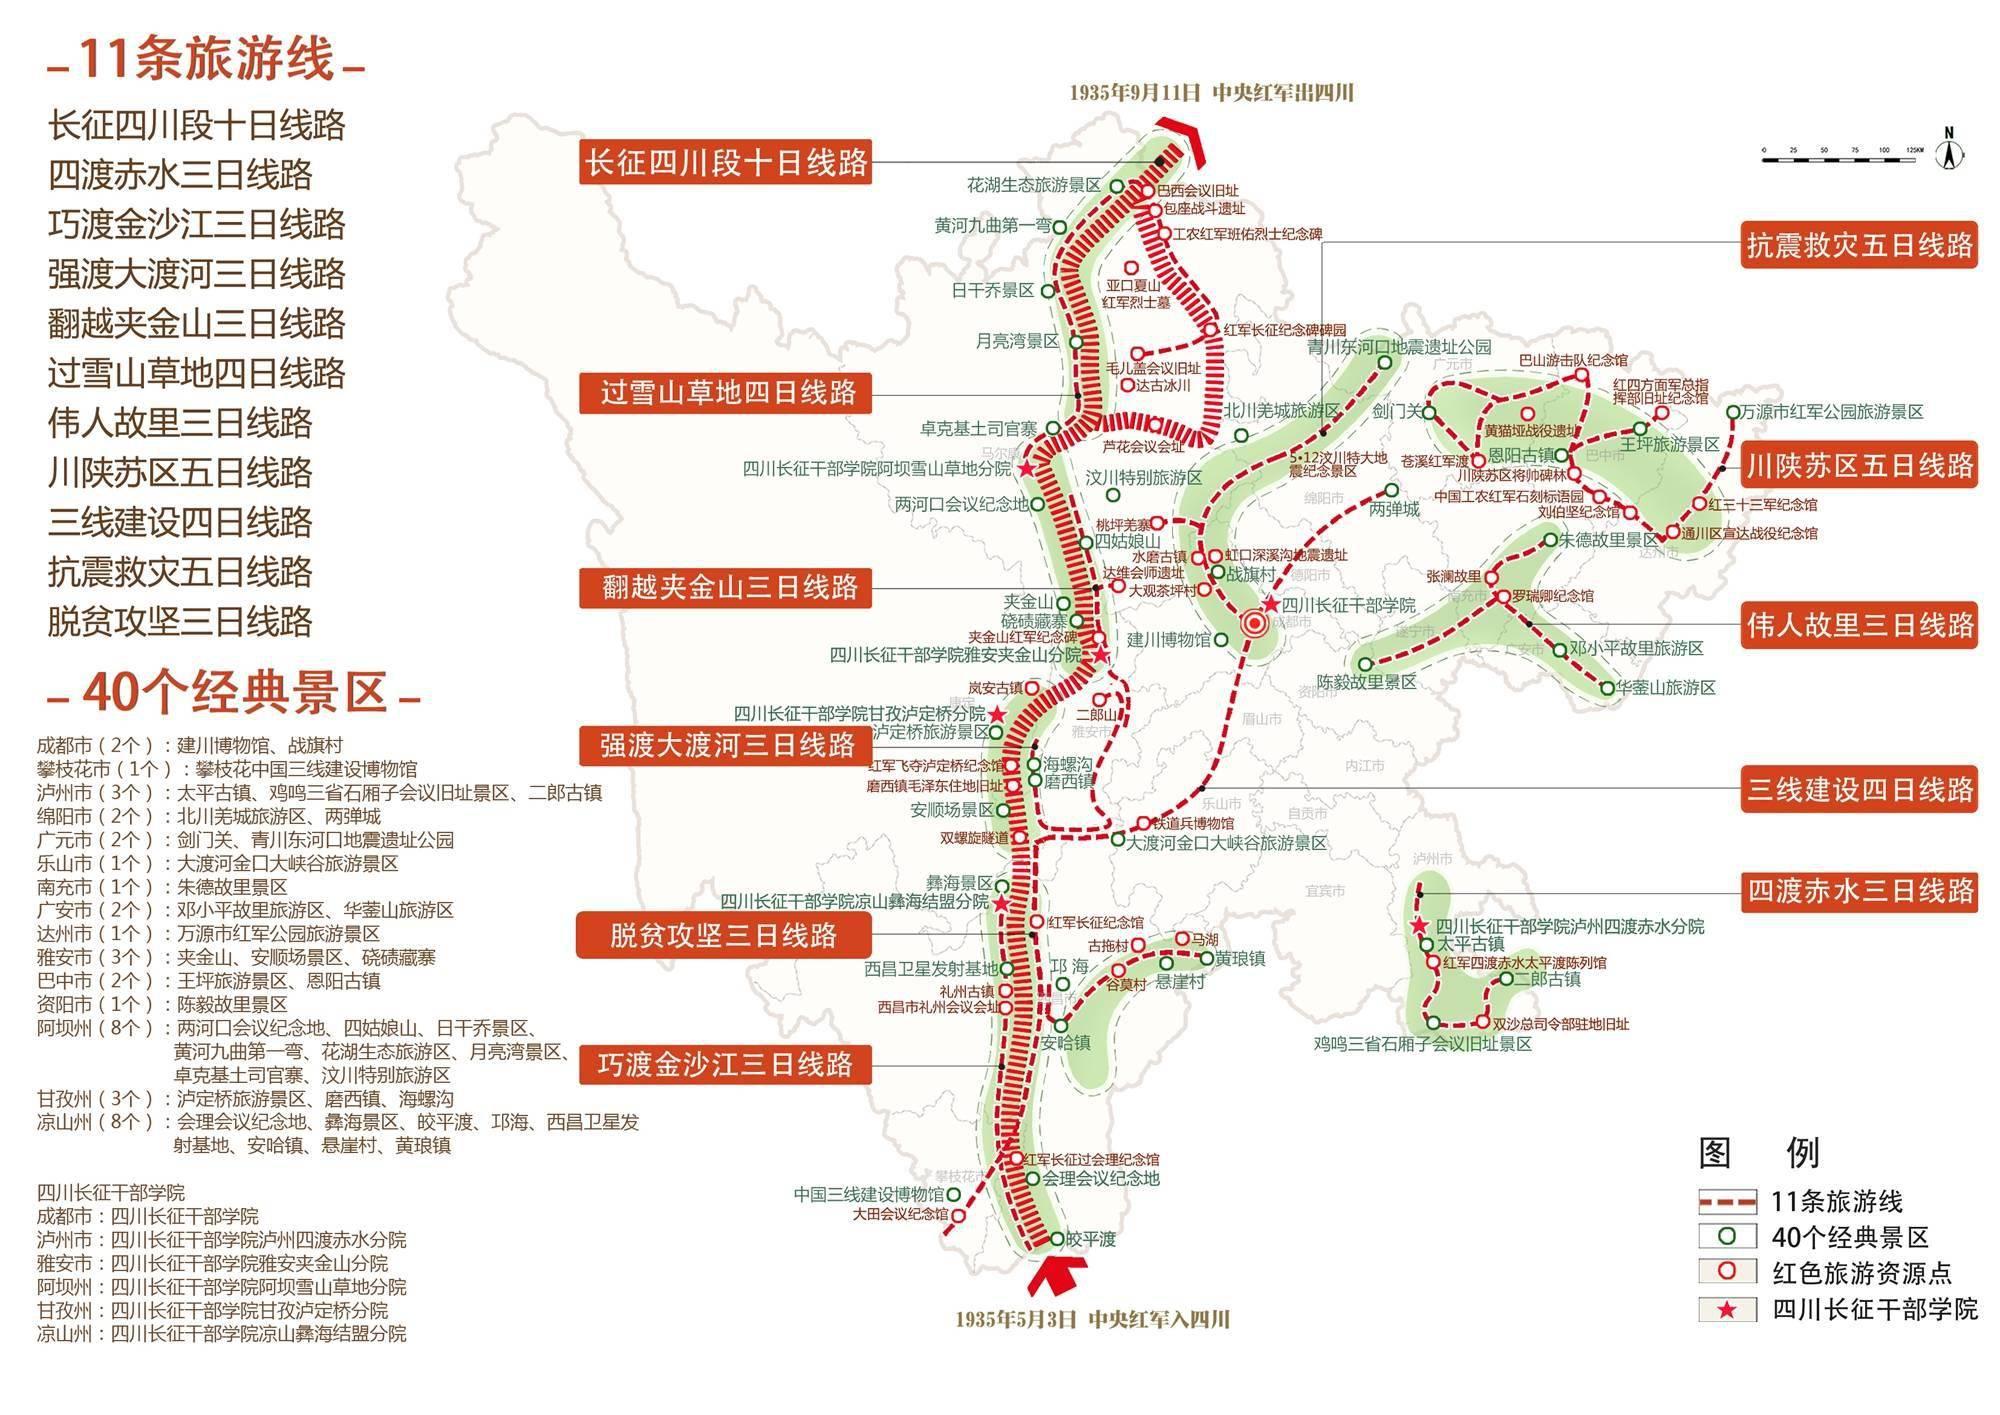 四川发布40个红色旅游经典景区 赶紧来看看有哪些?